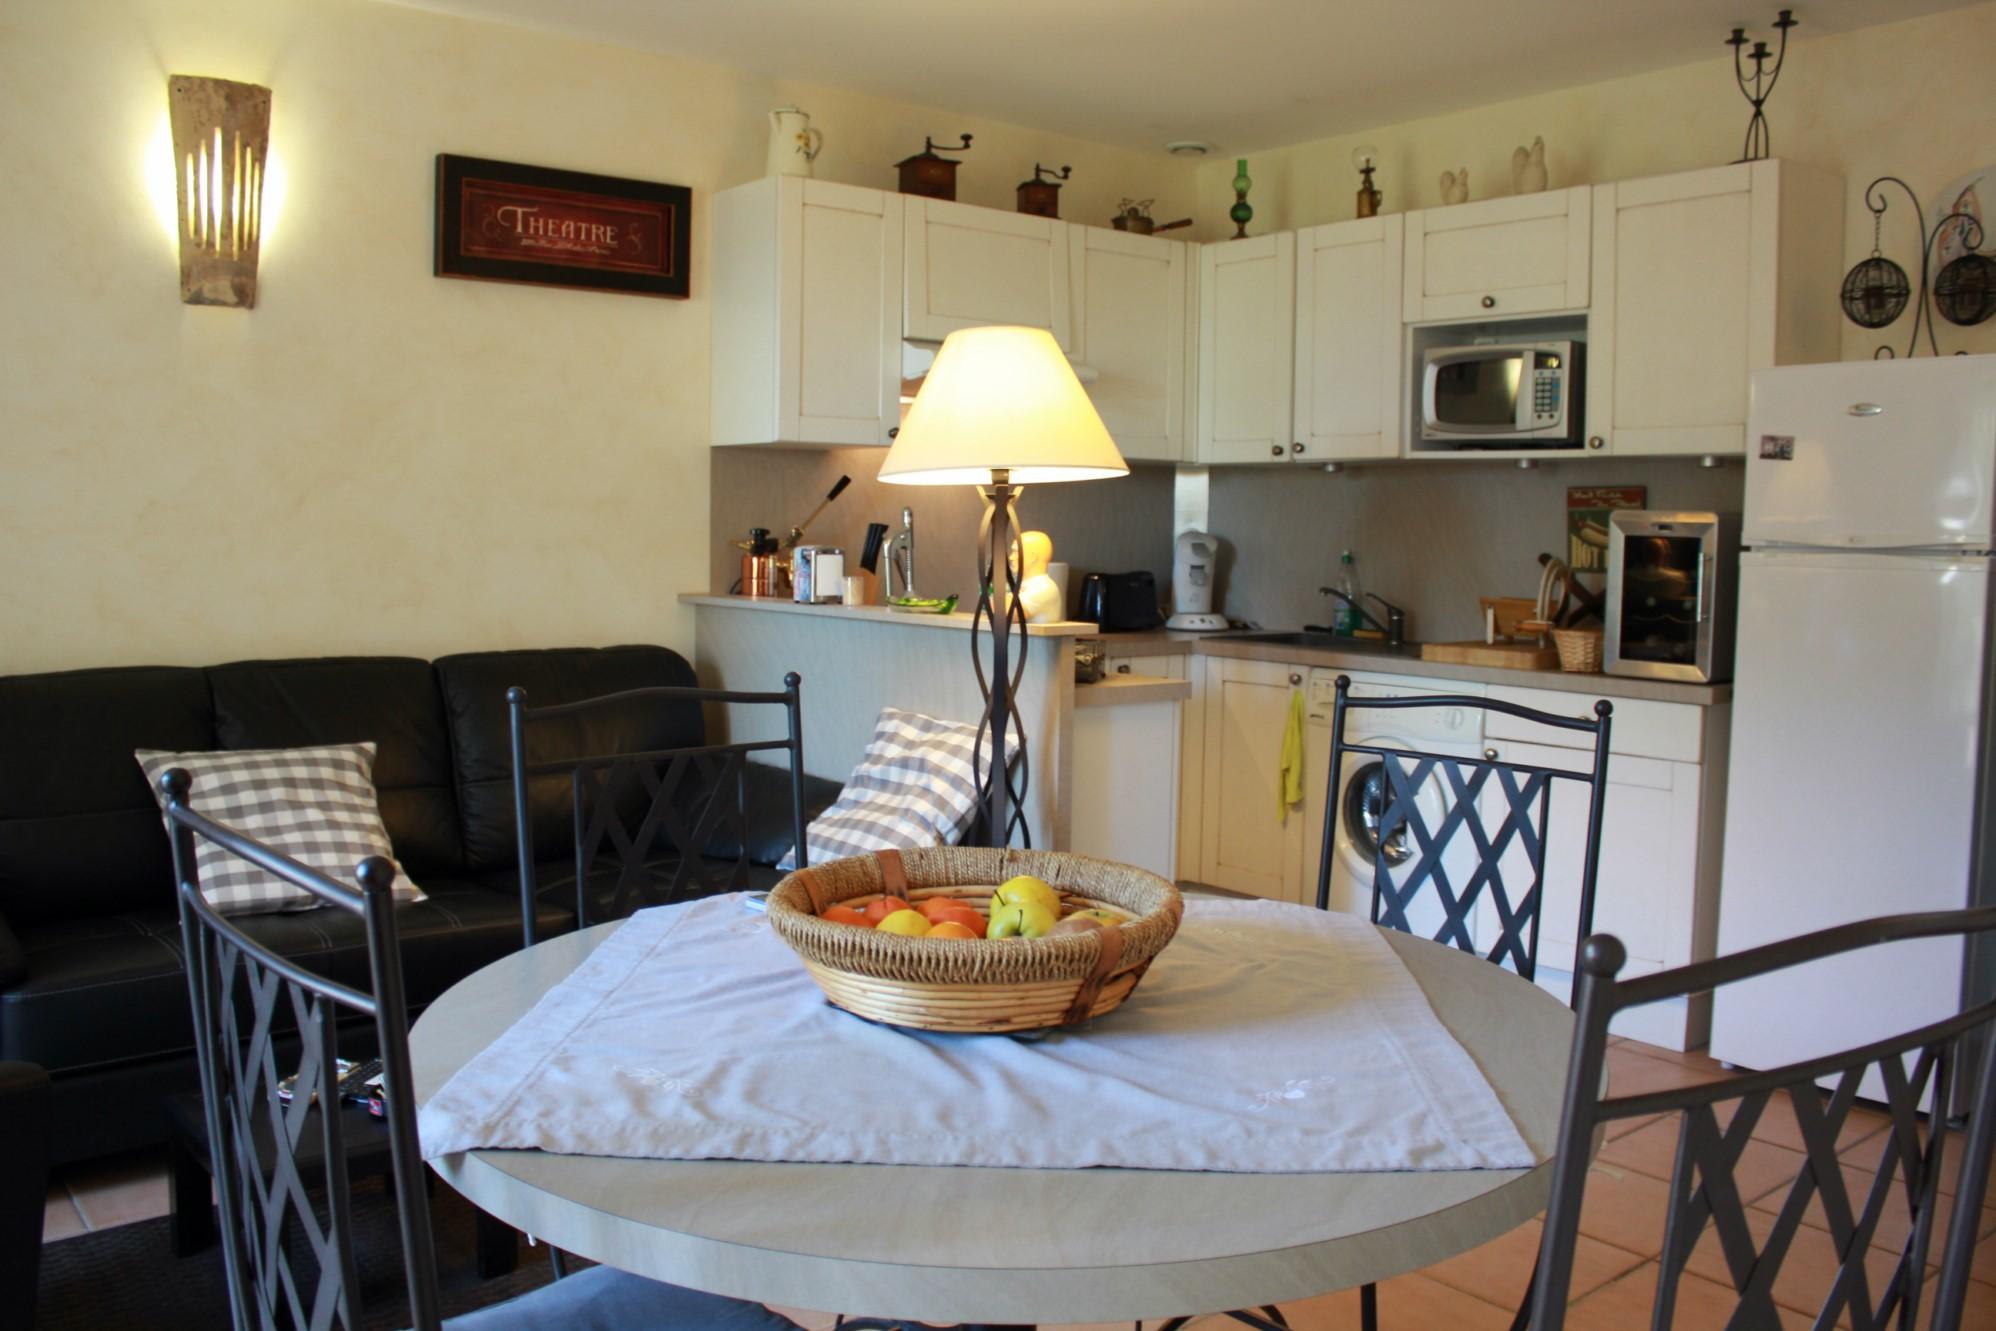 Appartement à vendre au cœur de Gordes dans une résidence